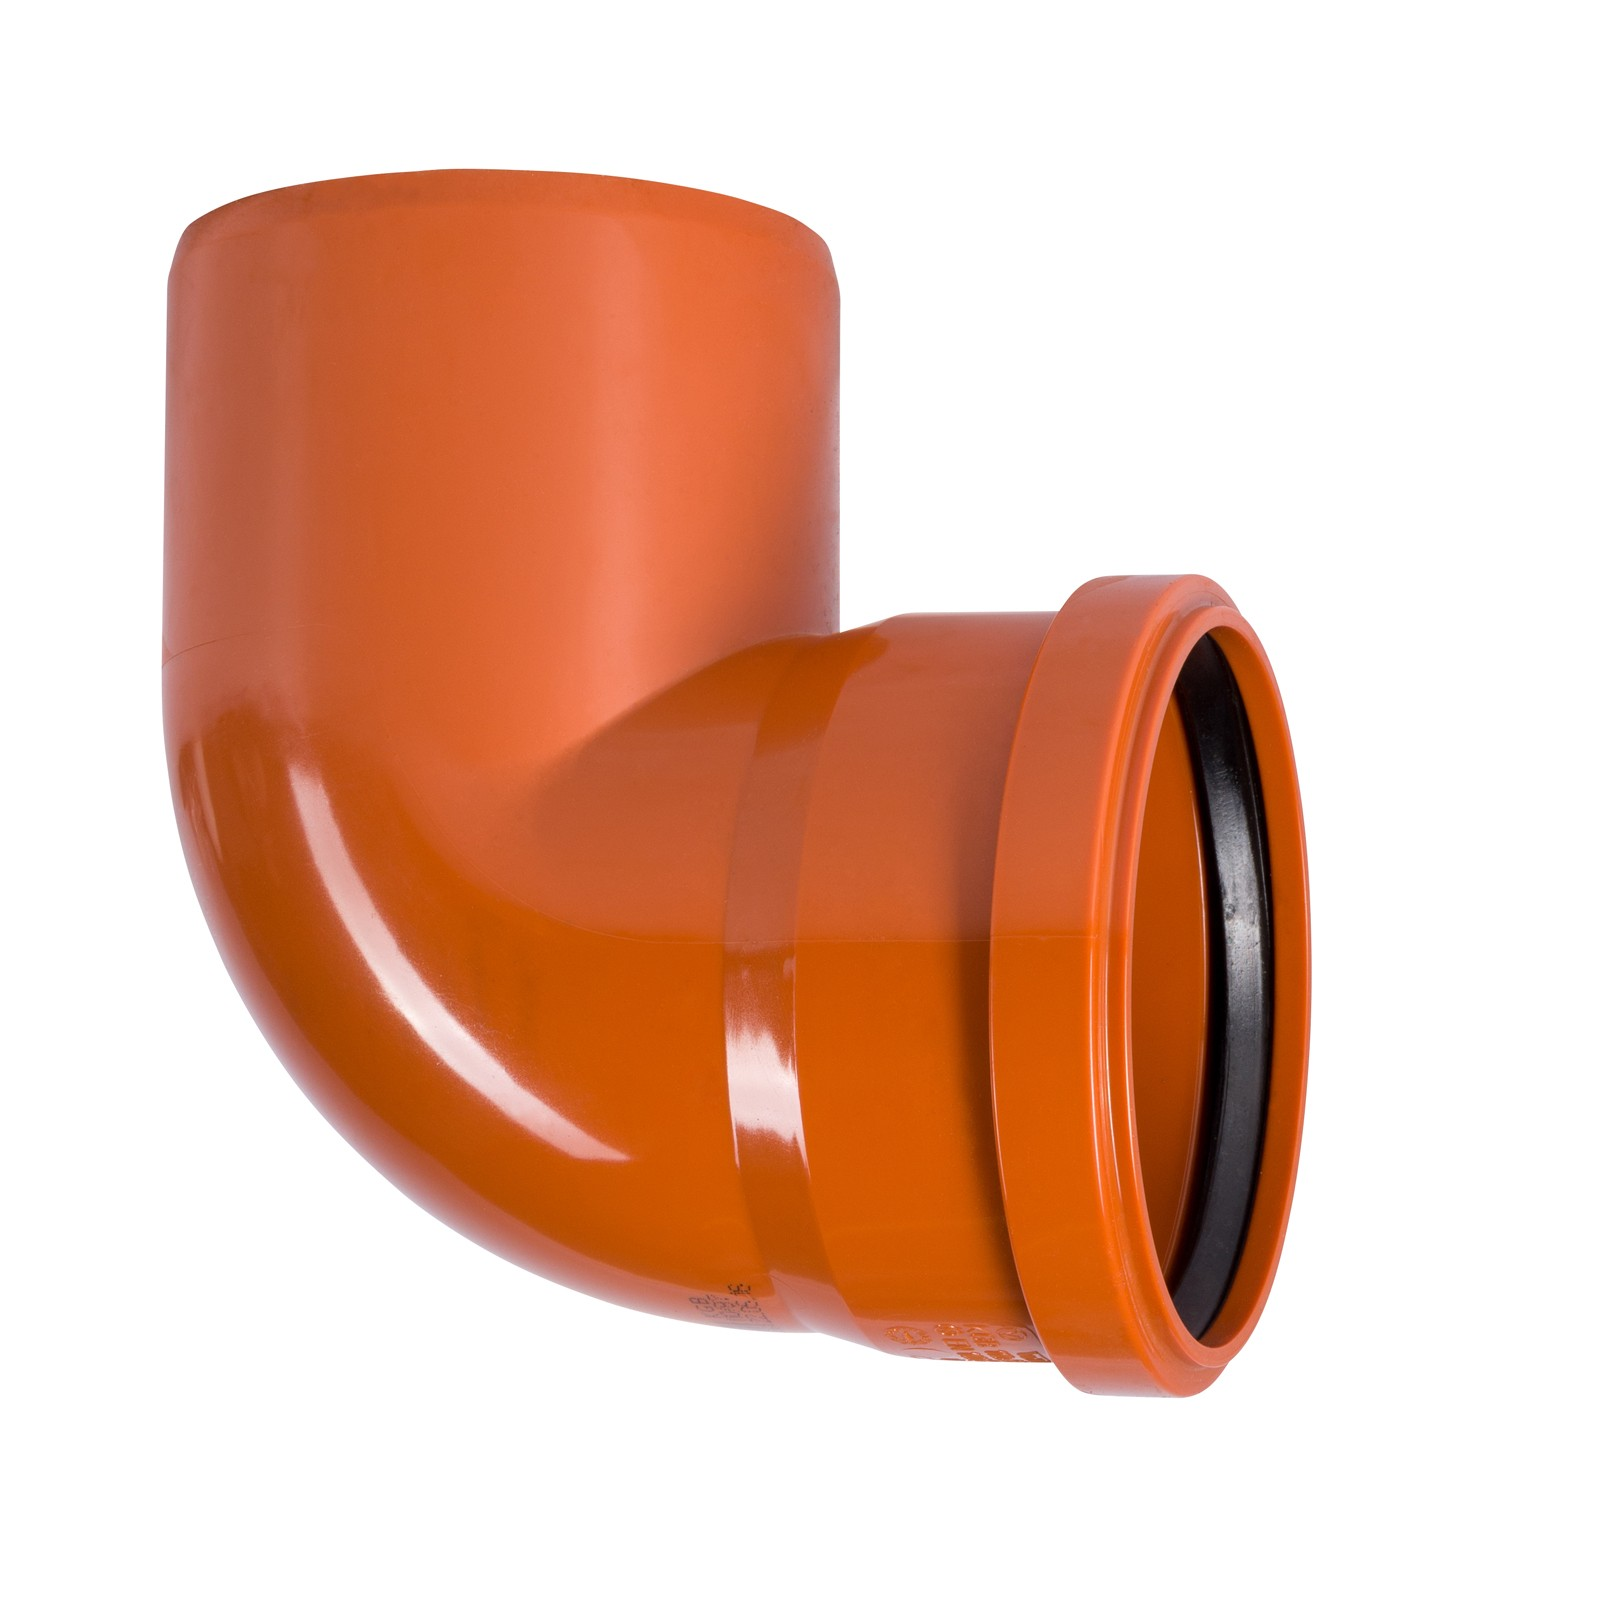 ostendorf kg bogen dn200 87 rohr kgb 200mm rohrbogen abwasserrohr kanalrohr ebay. Black Bedroom Furniture Sets. Home Design Ideas